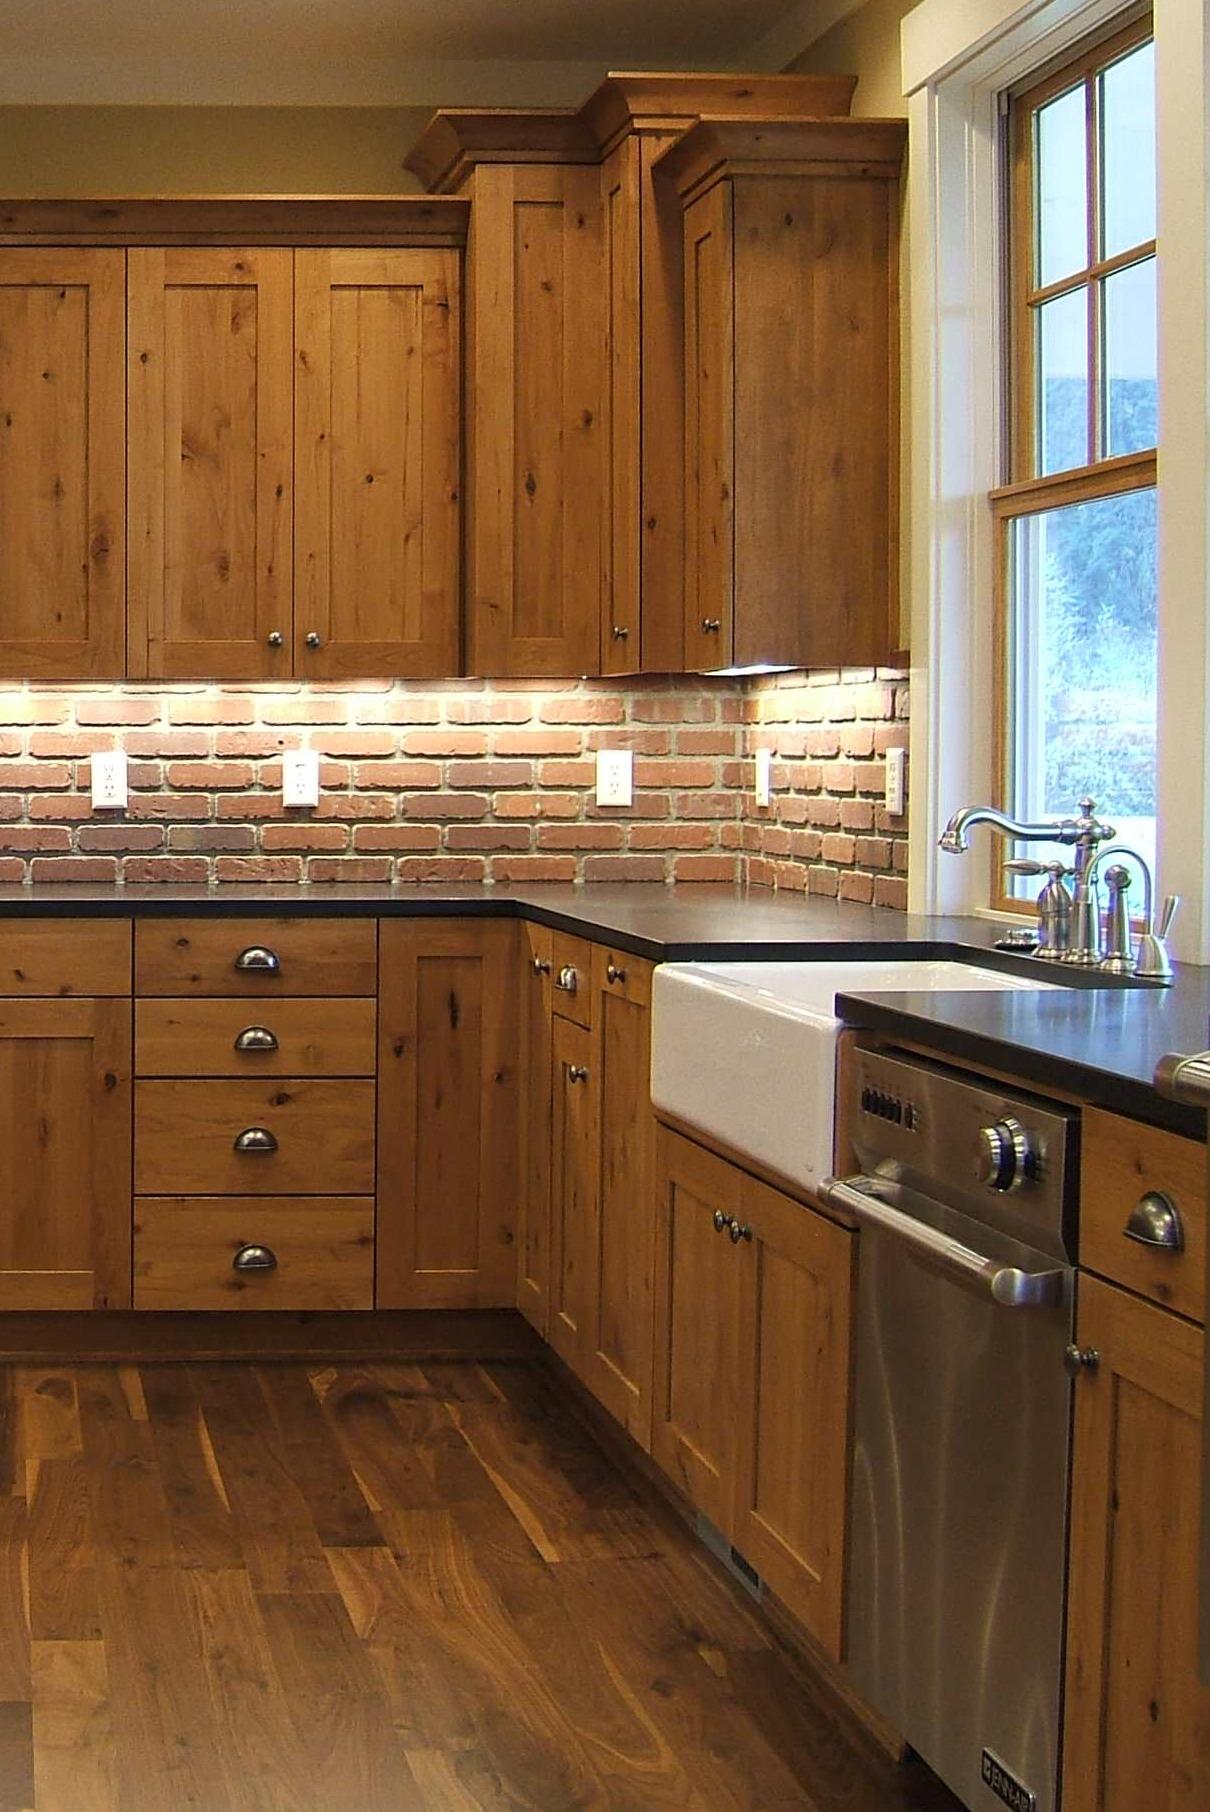 36 Enviable Black Granite Countertop White Cabinets on Black Granite Countertops With Brown Cabinets  id=29349